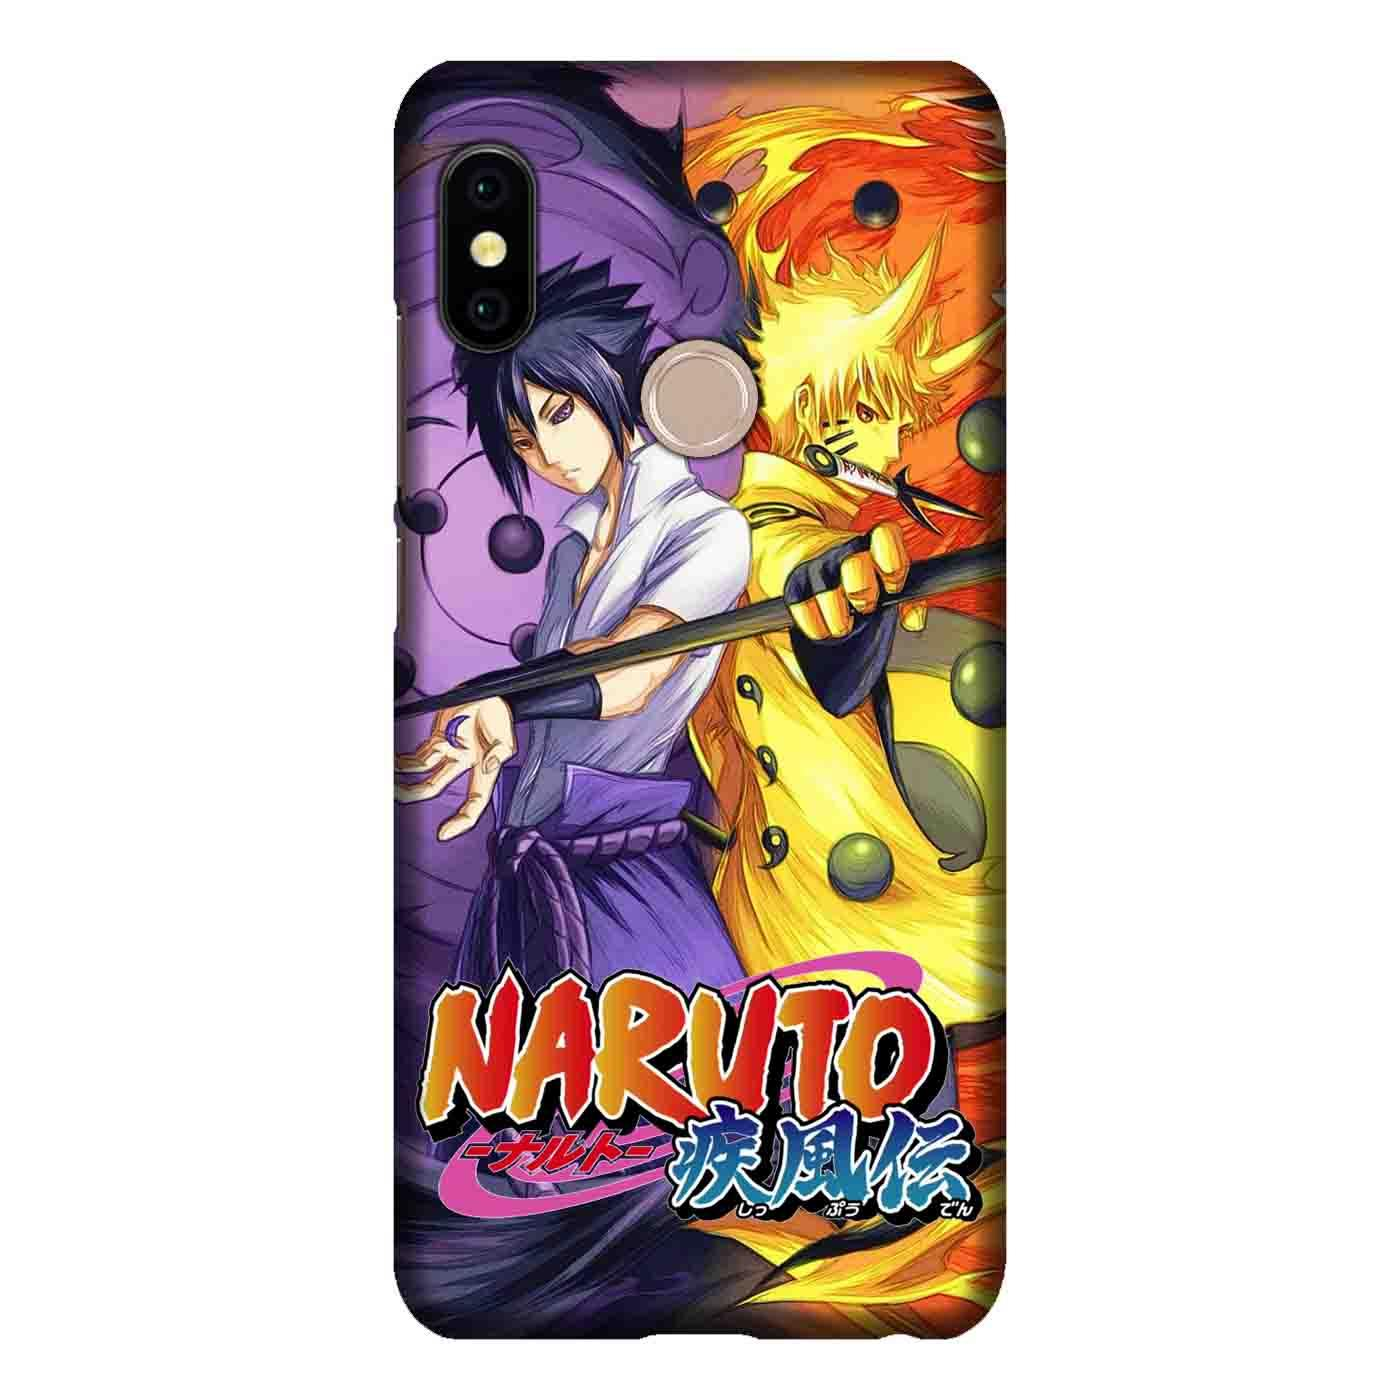 Casing Custom Hardcase Untuk Handphone Xiaomi Mi A2 Lite / Redmi 6 Pro Bergambar Motif Naruto Kyubi 4 Case